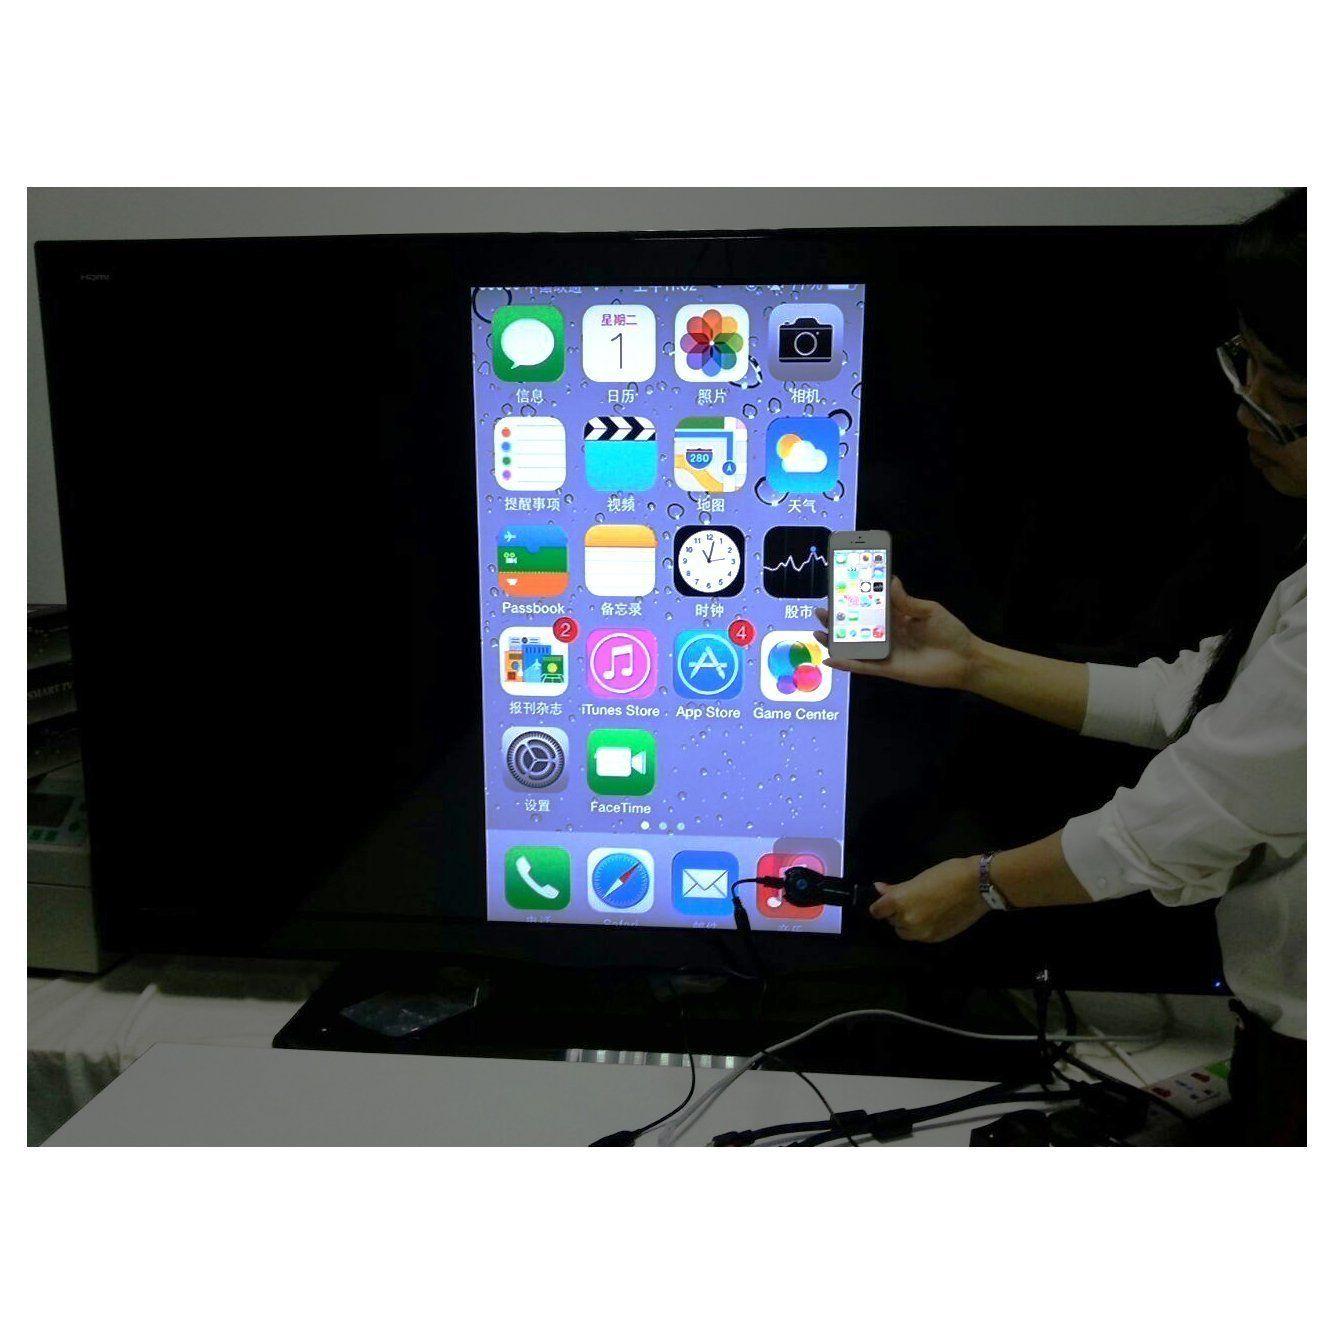 Dax-Hub Ezcast Wifi HDMI AirPlay Display Miracast … | Dax-Hub Ezcast